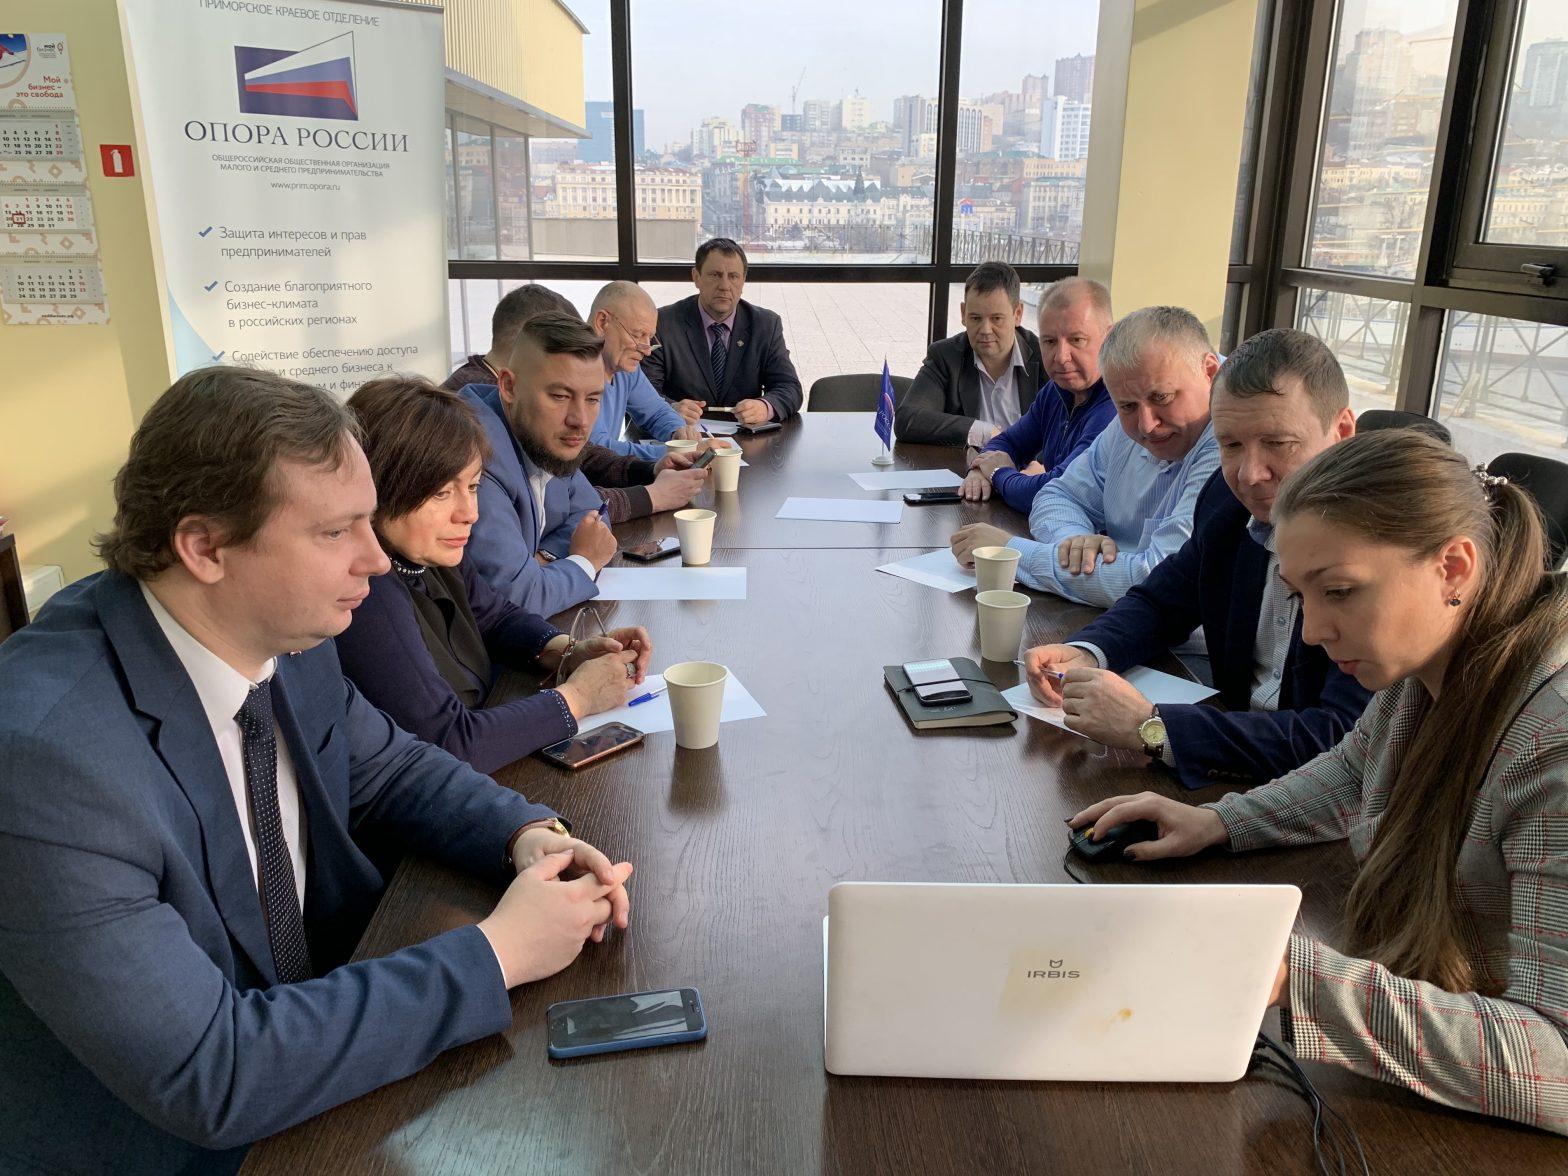 22 января 2020 года в офисе Приморского краевого отделения «ОПОРЫ РОССИИ» состоялся семинар по работе на портале по оценке регулирующего воздействия (ОРВ)